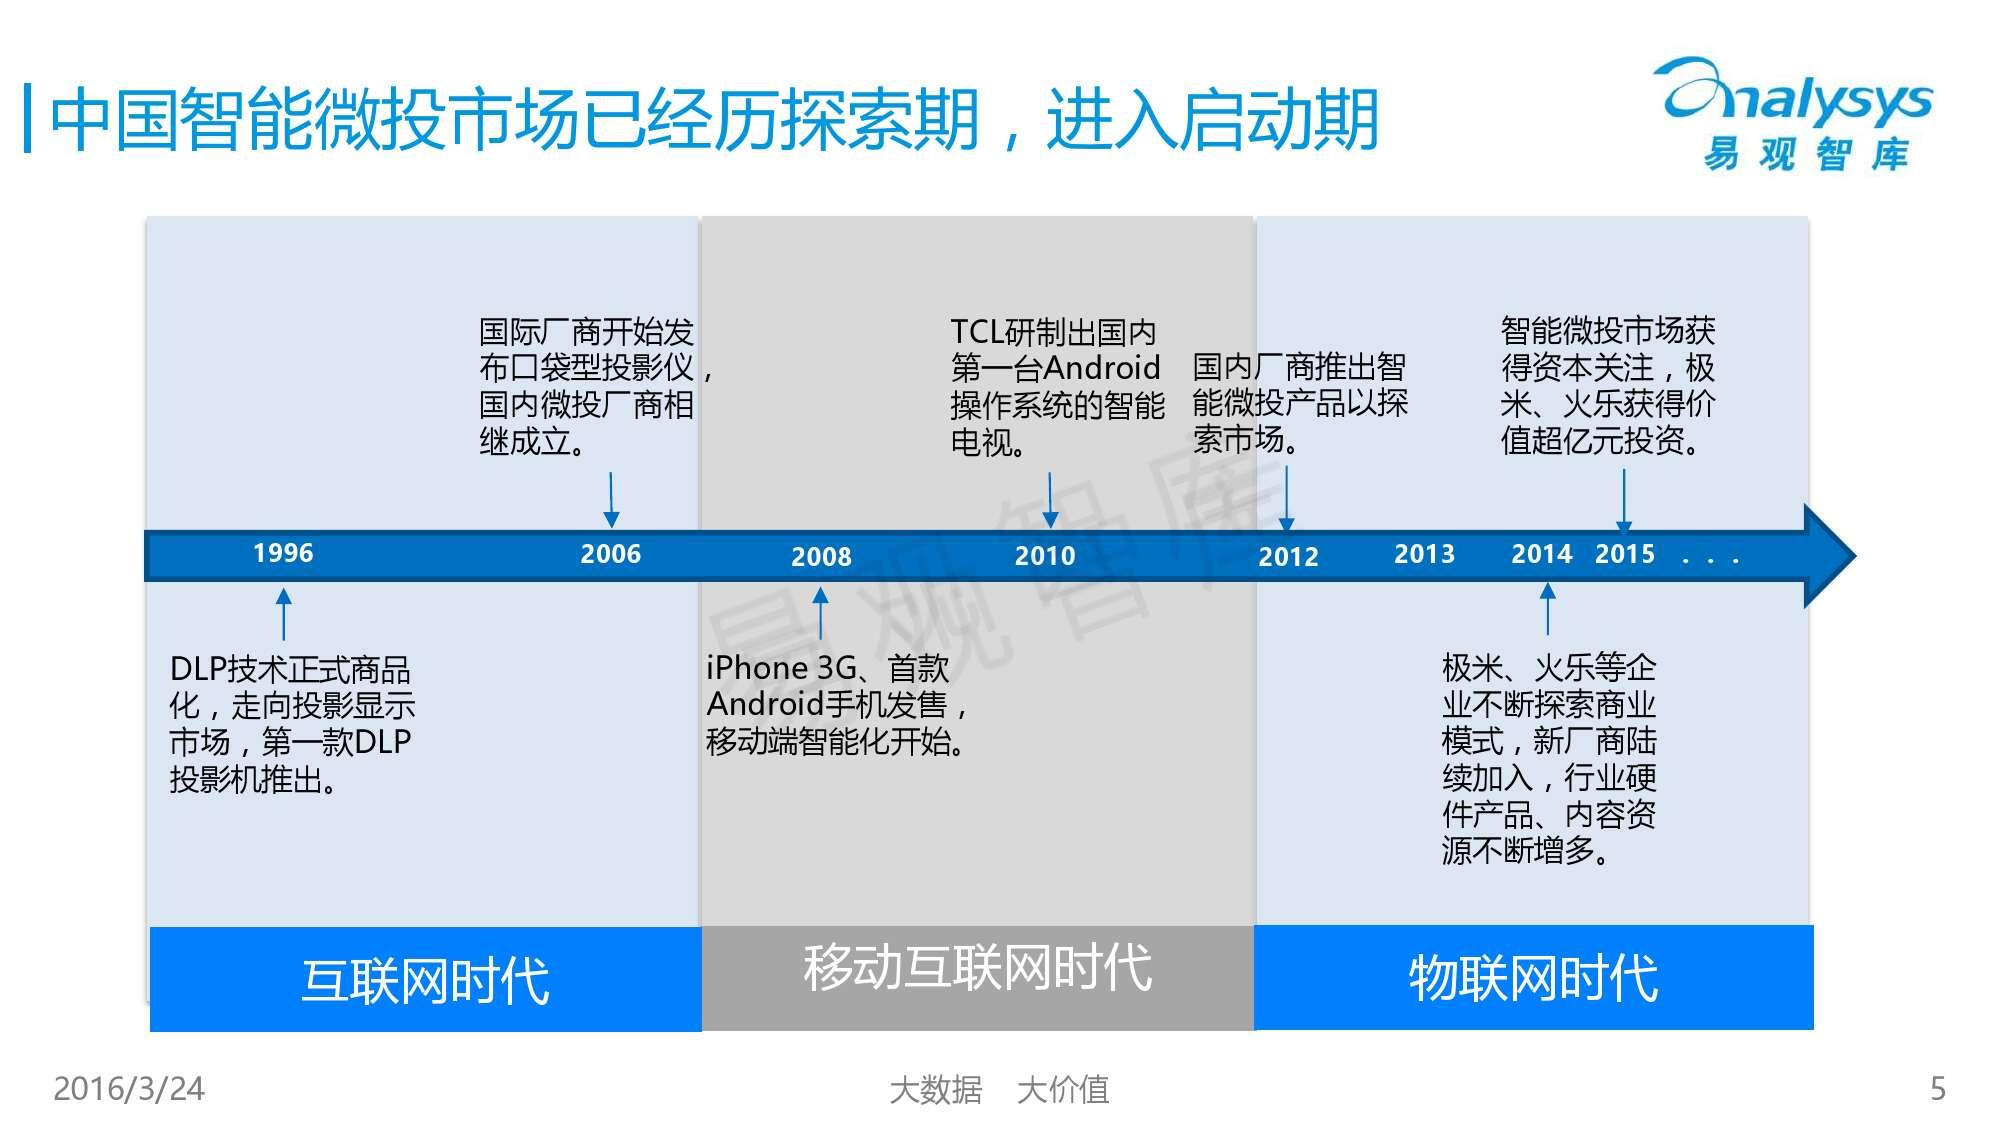 中国智能微投市场专题研究报告2016_000005